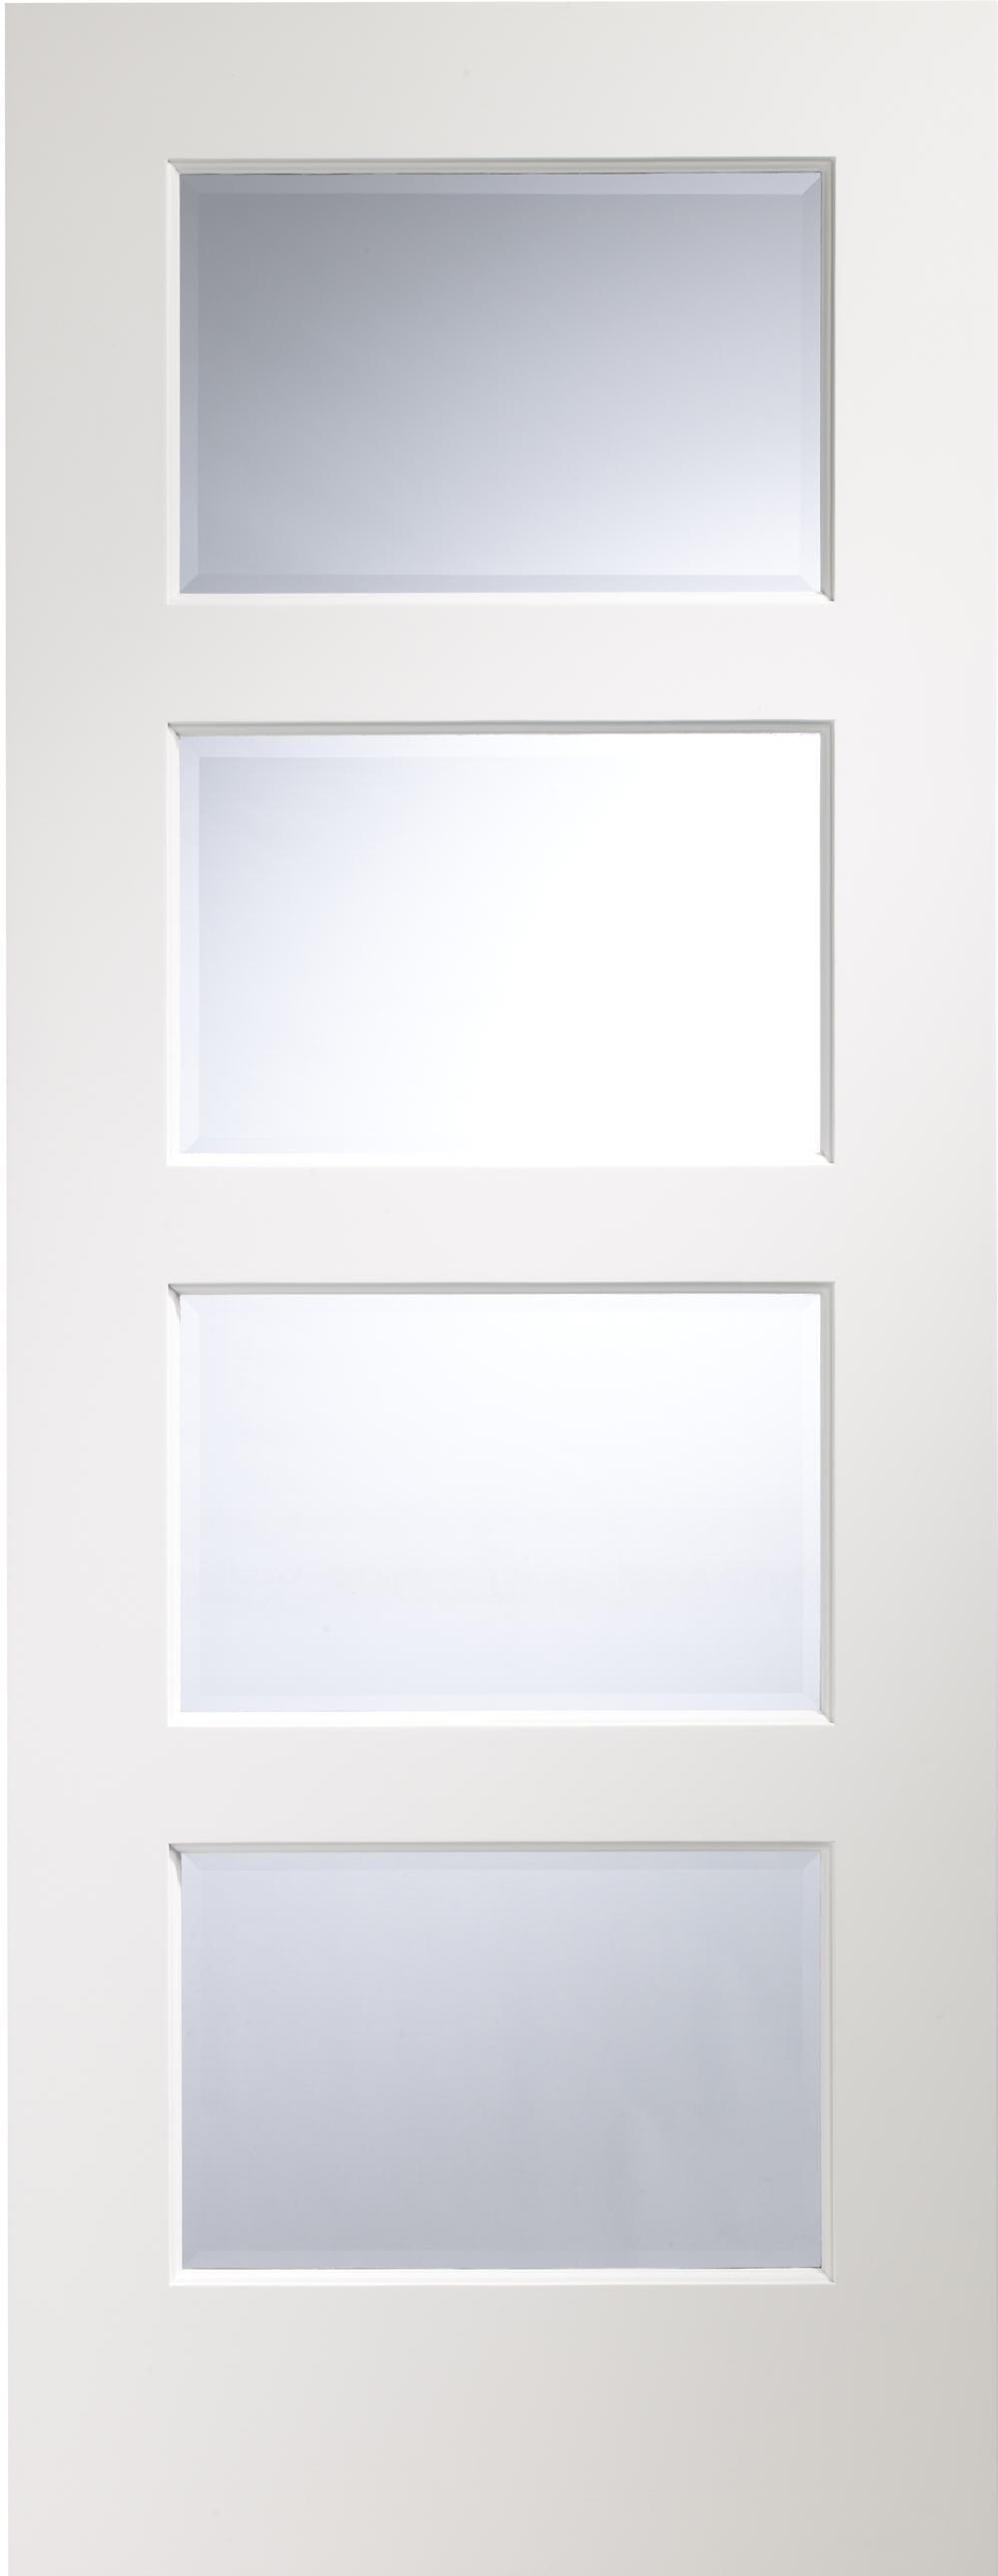 Severo White Glazed - Prefinished Image